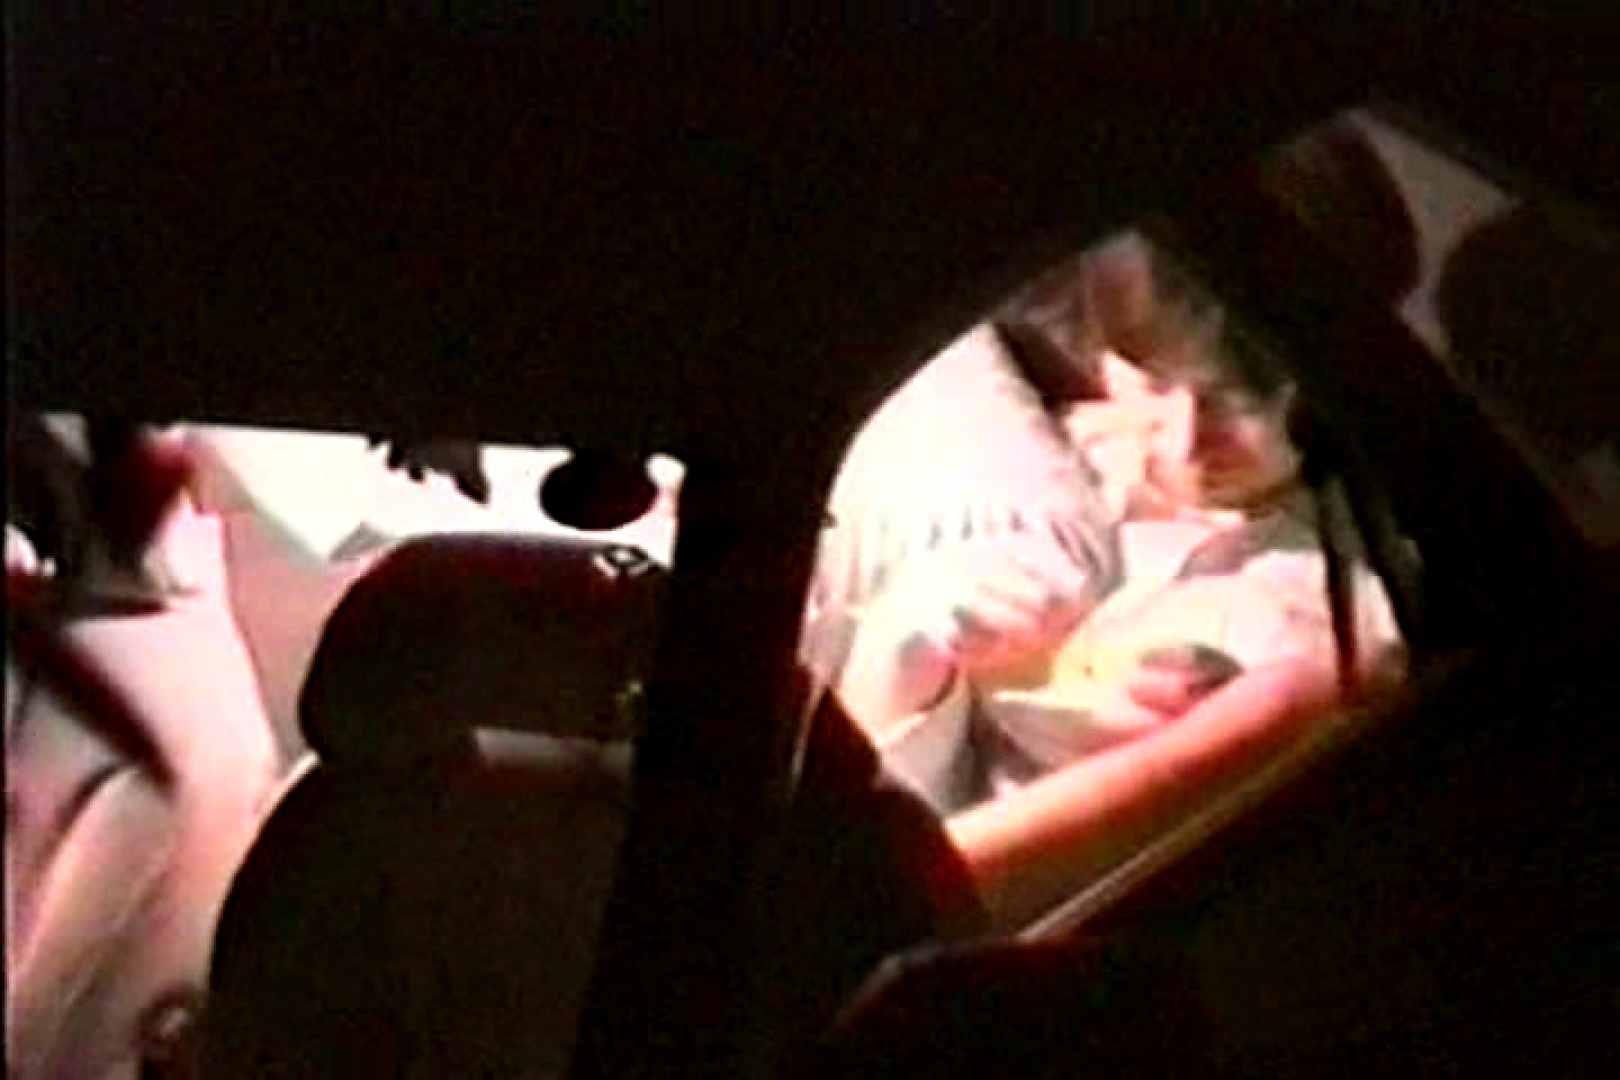 車の中はラブホテル 無修正版  Vol.8 OLヌード天国 ヌード画像 102PIX 42